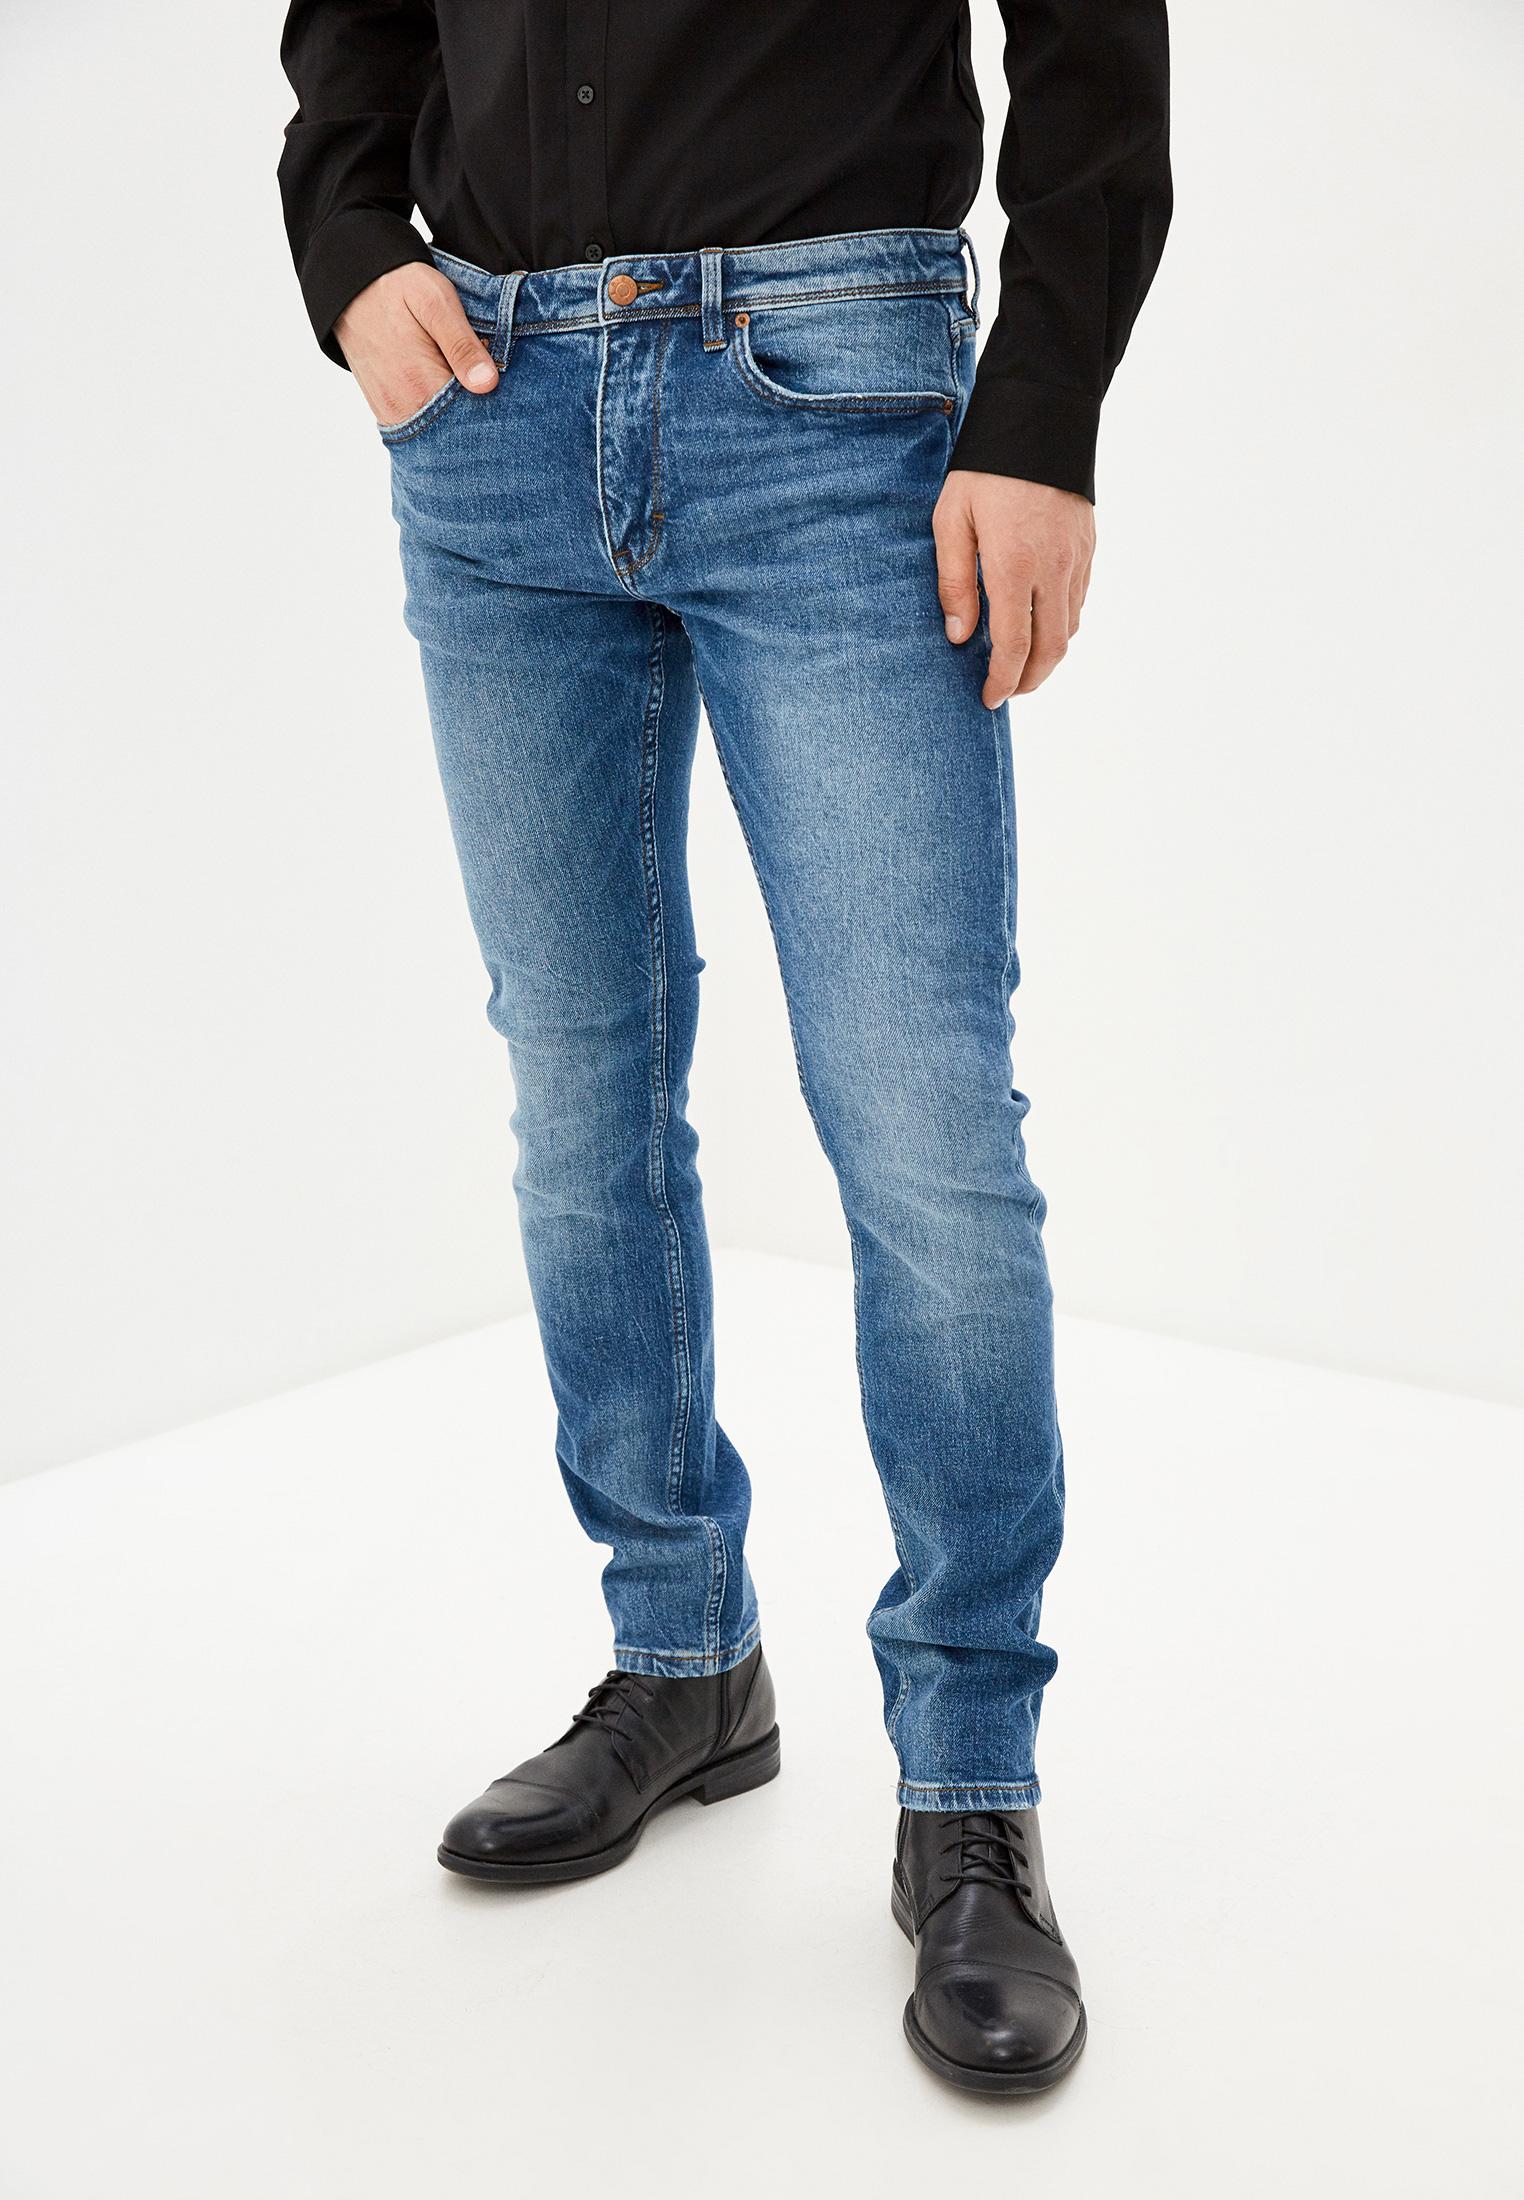 Зауженные джинсы s.Oliver (с.Оливер) 130.11.899.26.180.2023700